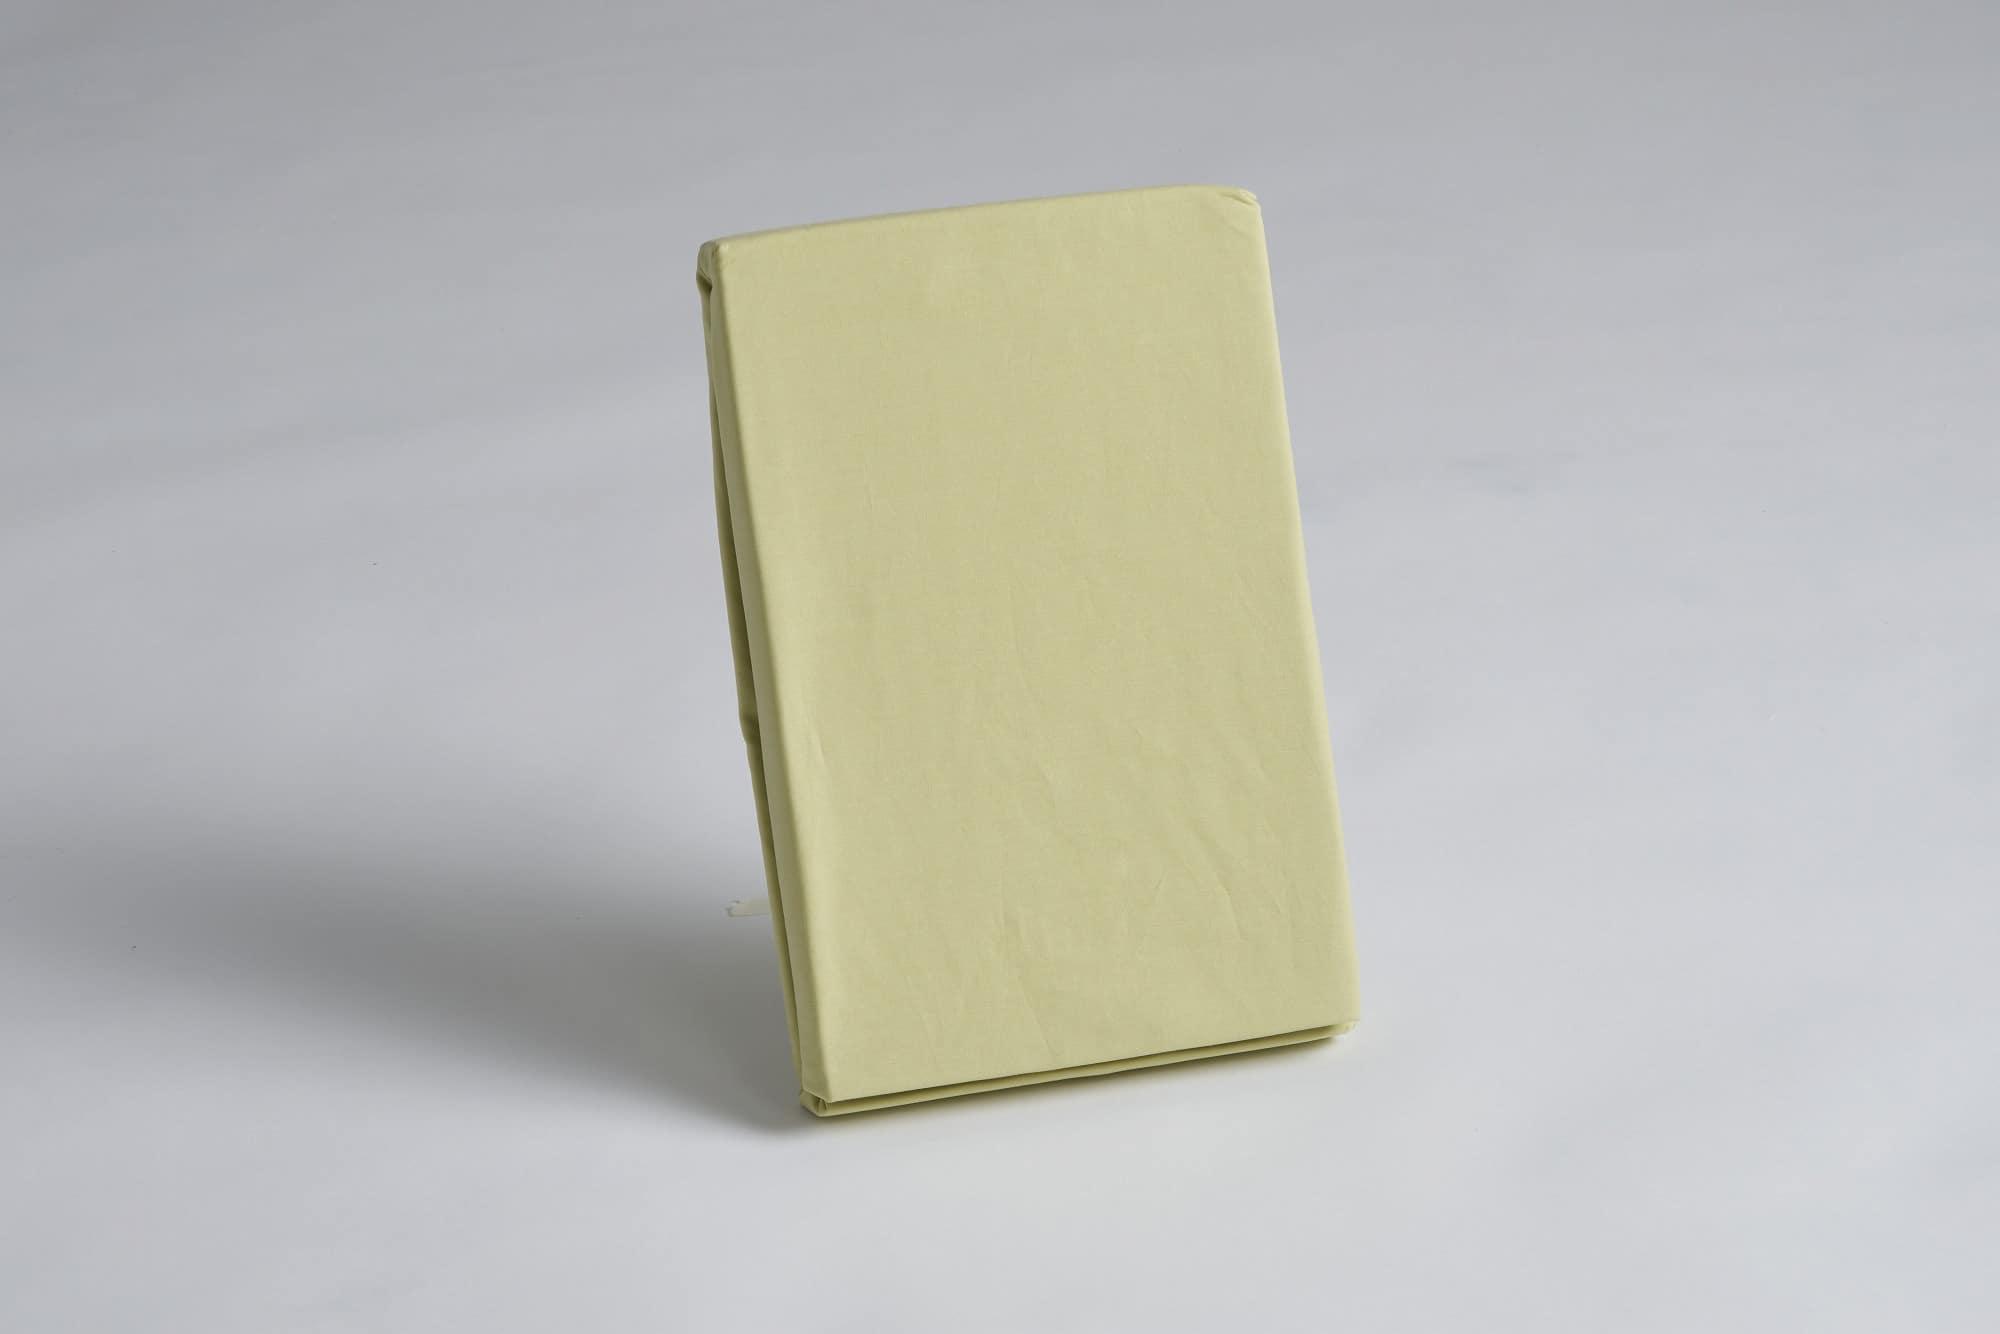 ボックスシーツ クイーン1用 30H グリーン:《綿100%を使用したボックスシーツ》